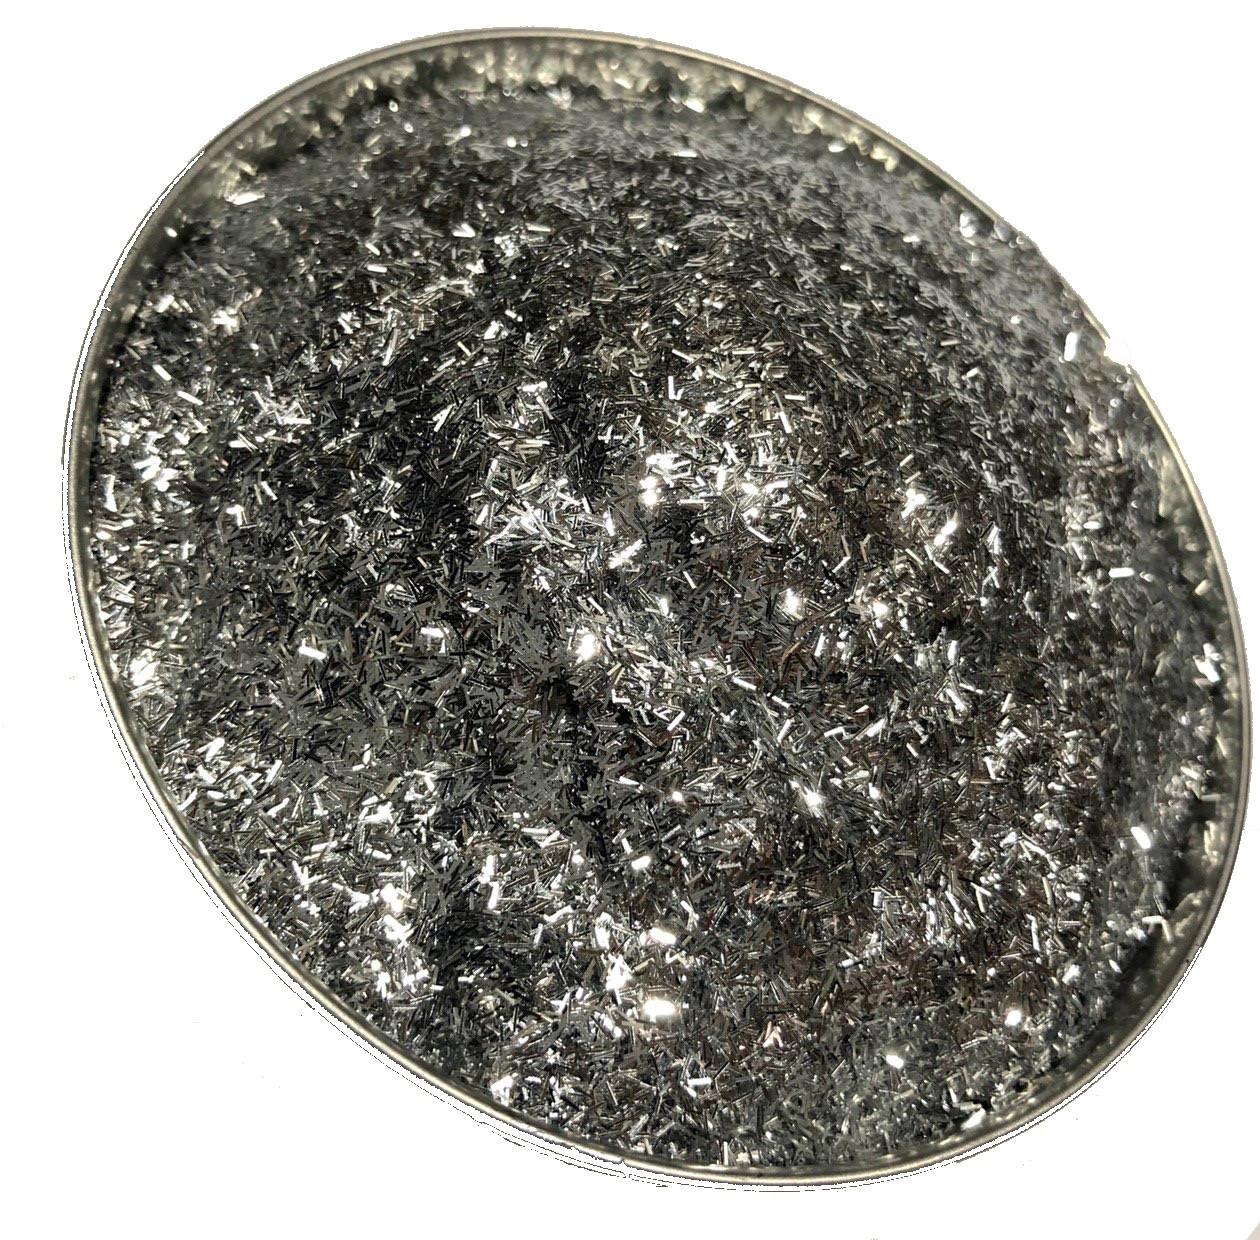 Глиттер Серебро, TS001-0,2*1,5,  150мл